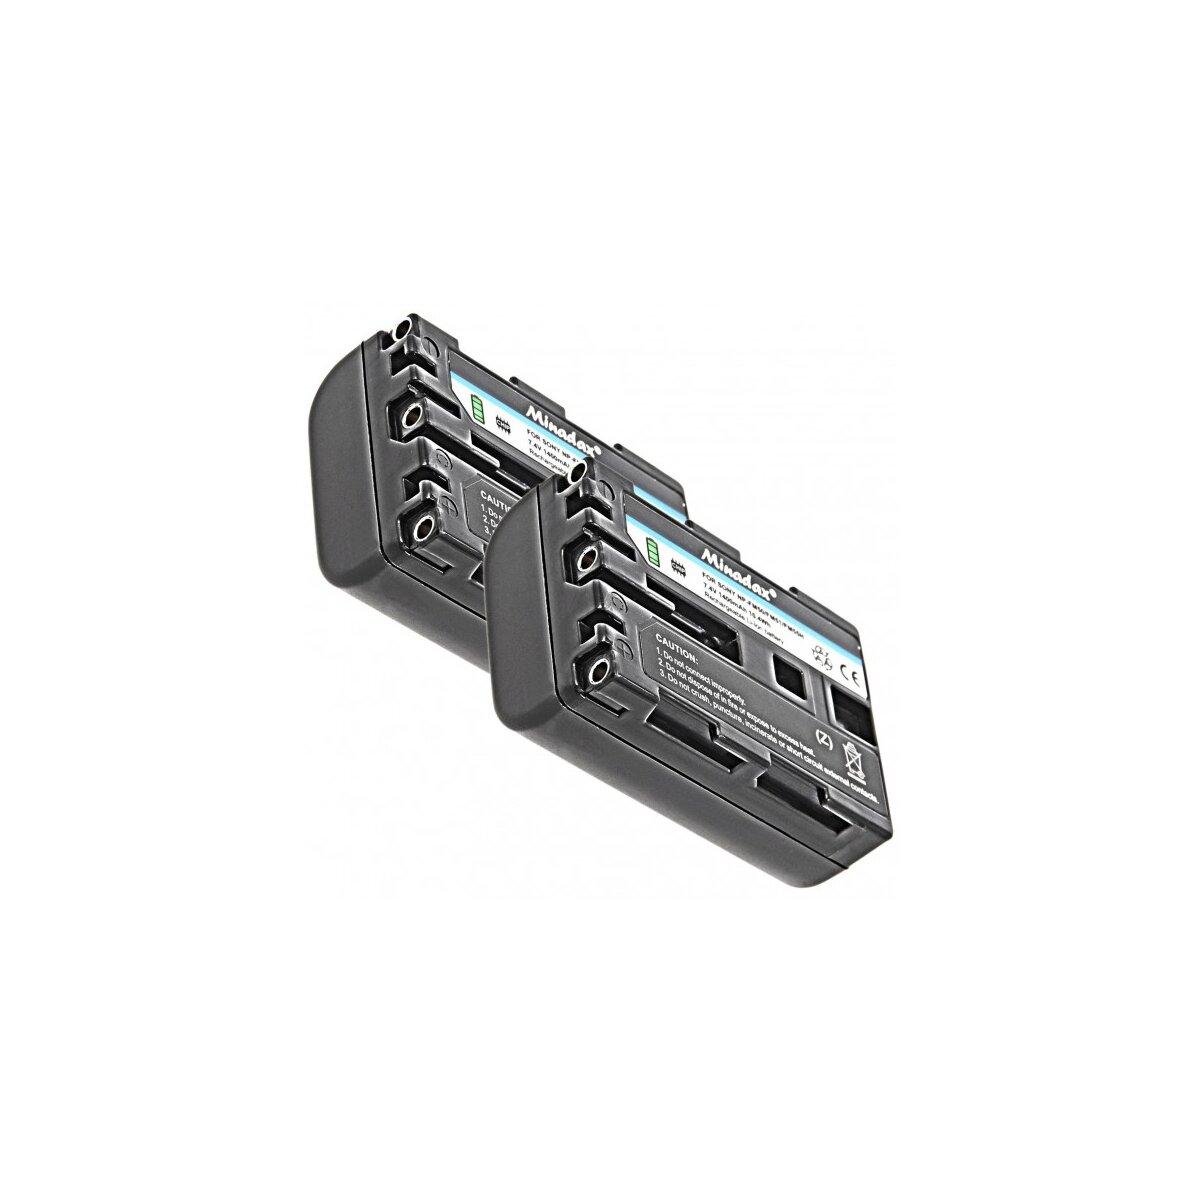 2x Minadax Qualitätsakku mit echten 1400 mAh kompatibel für Sony Cybershot DSC-F707 DSC-F717 DSC-F828 DSC-S30 DSC-S50 DSC-S70 DSC-S75 DSC-S85 DSLR-A100 MVC-CD200 - Ersatz für NP-FM50